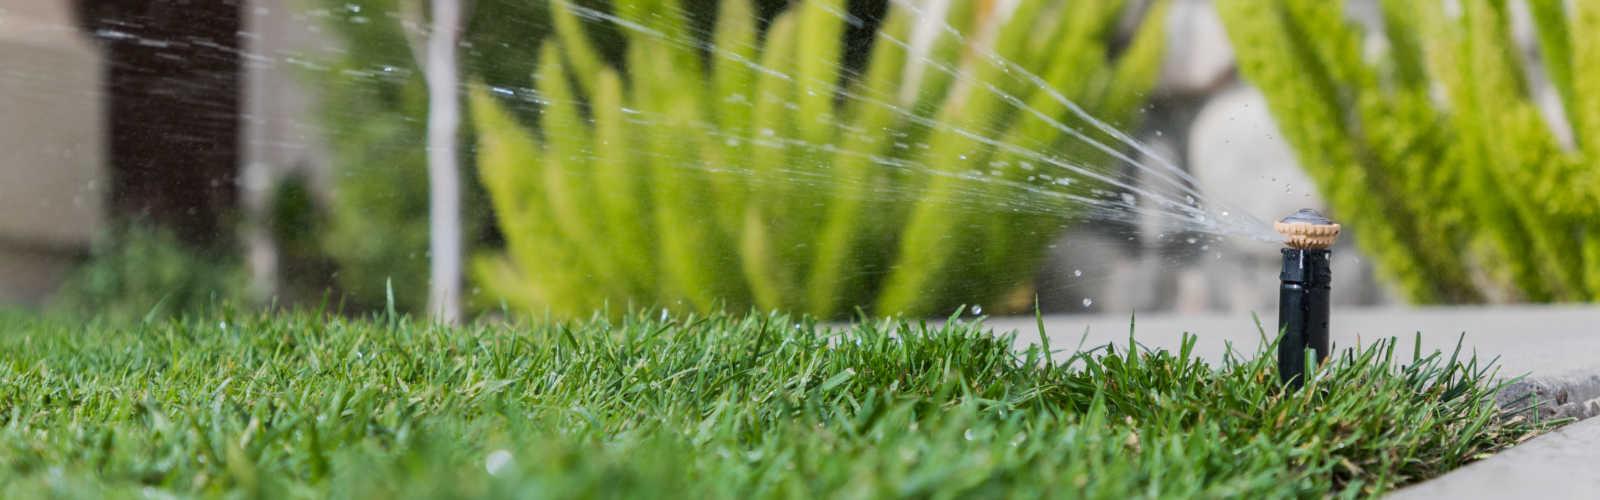 Krause - Technik für Ihren Garten, Rain Bird Regner